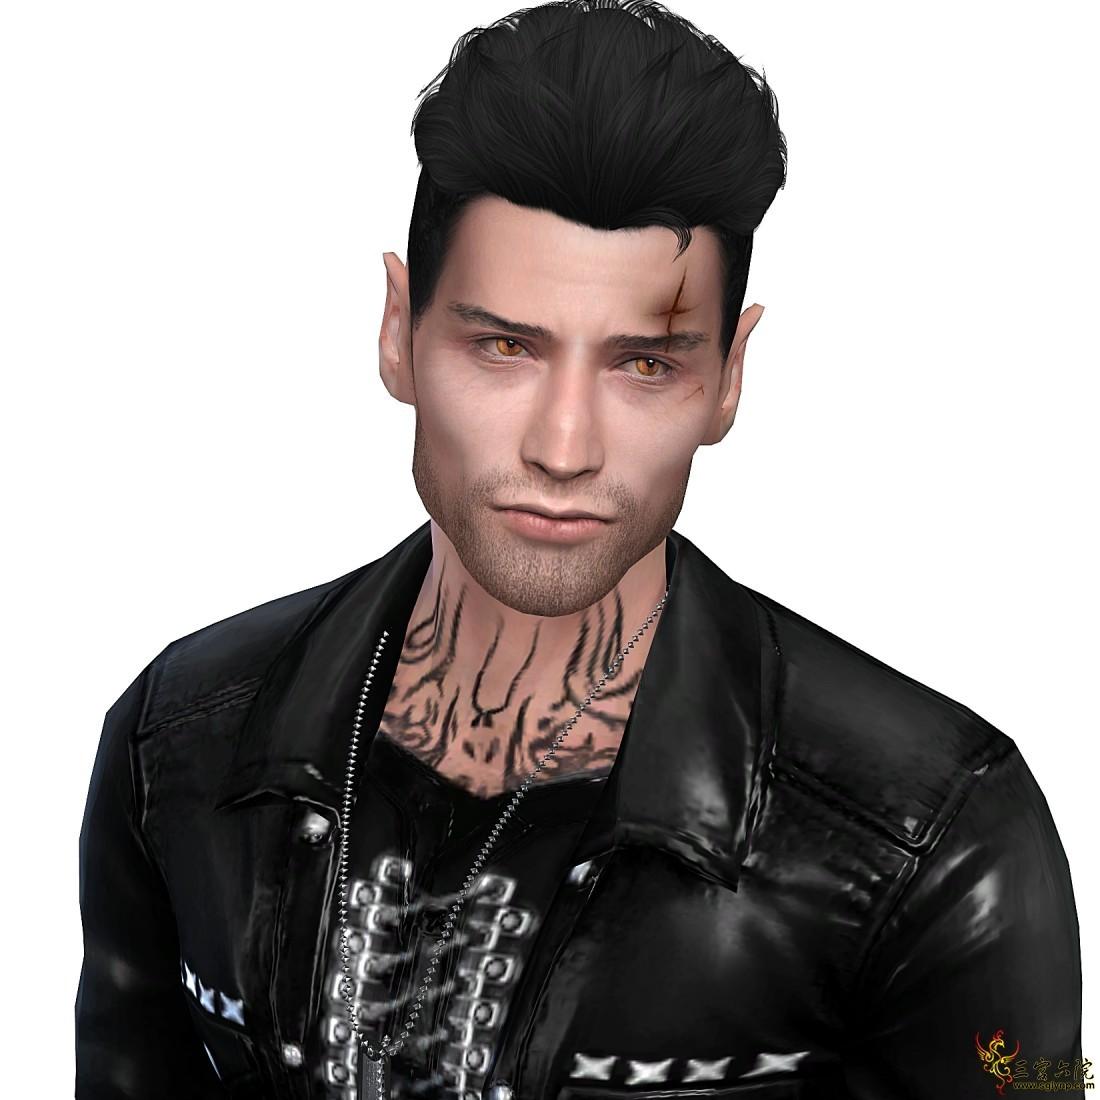 Sims 4 Screenshot 2019.10.02 - 20.11.34.27.png